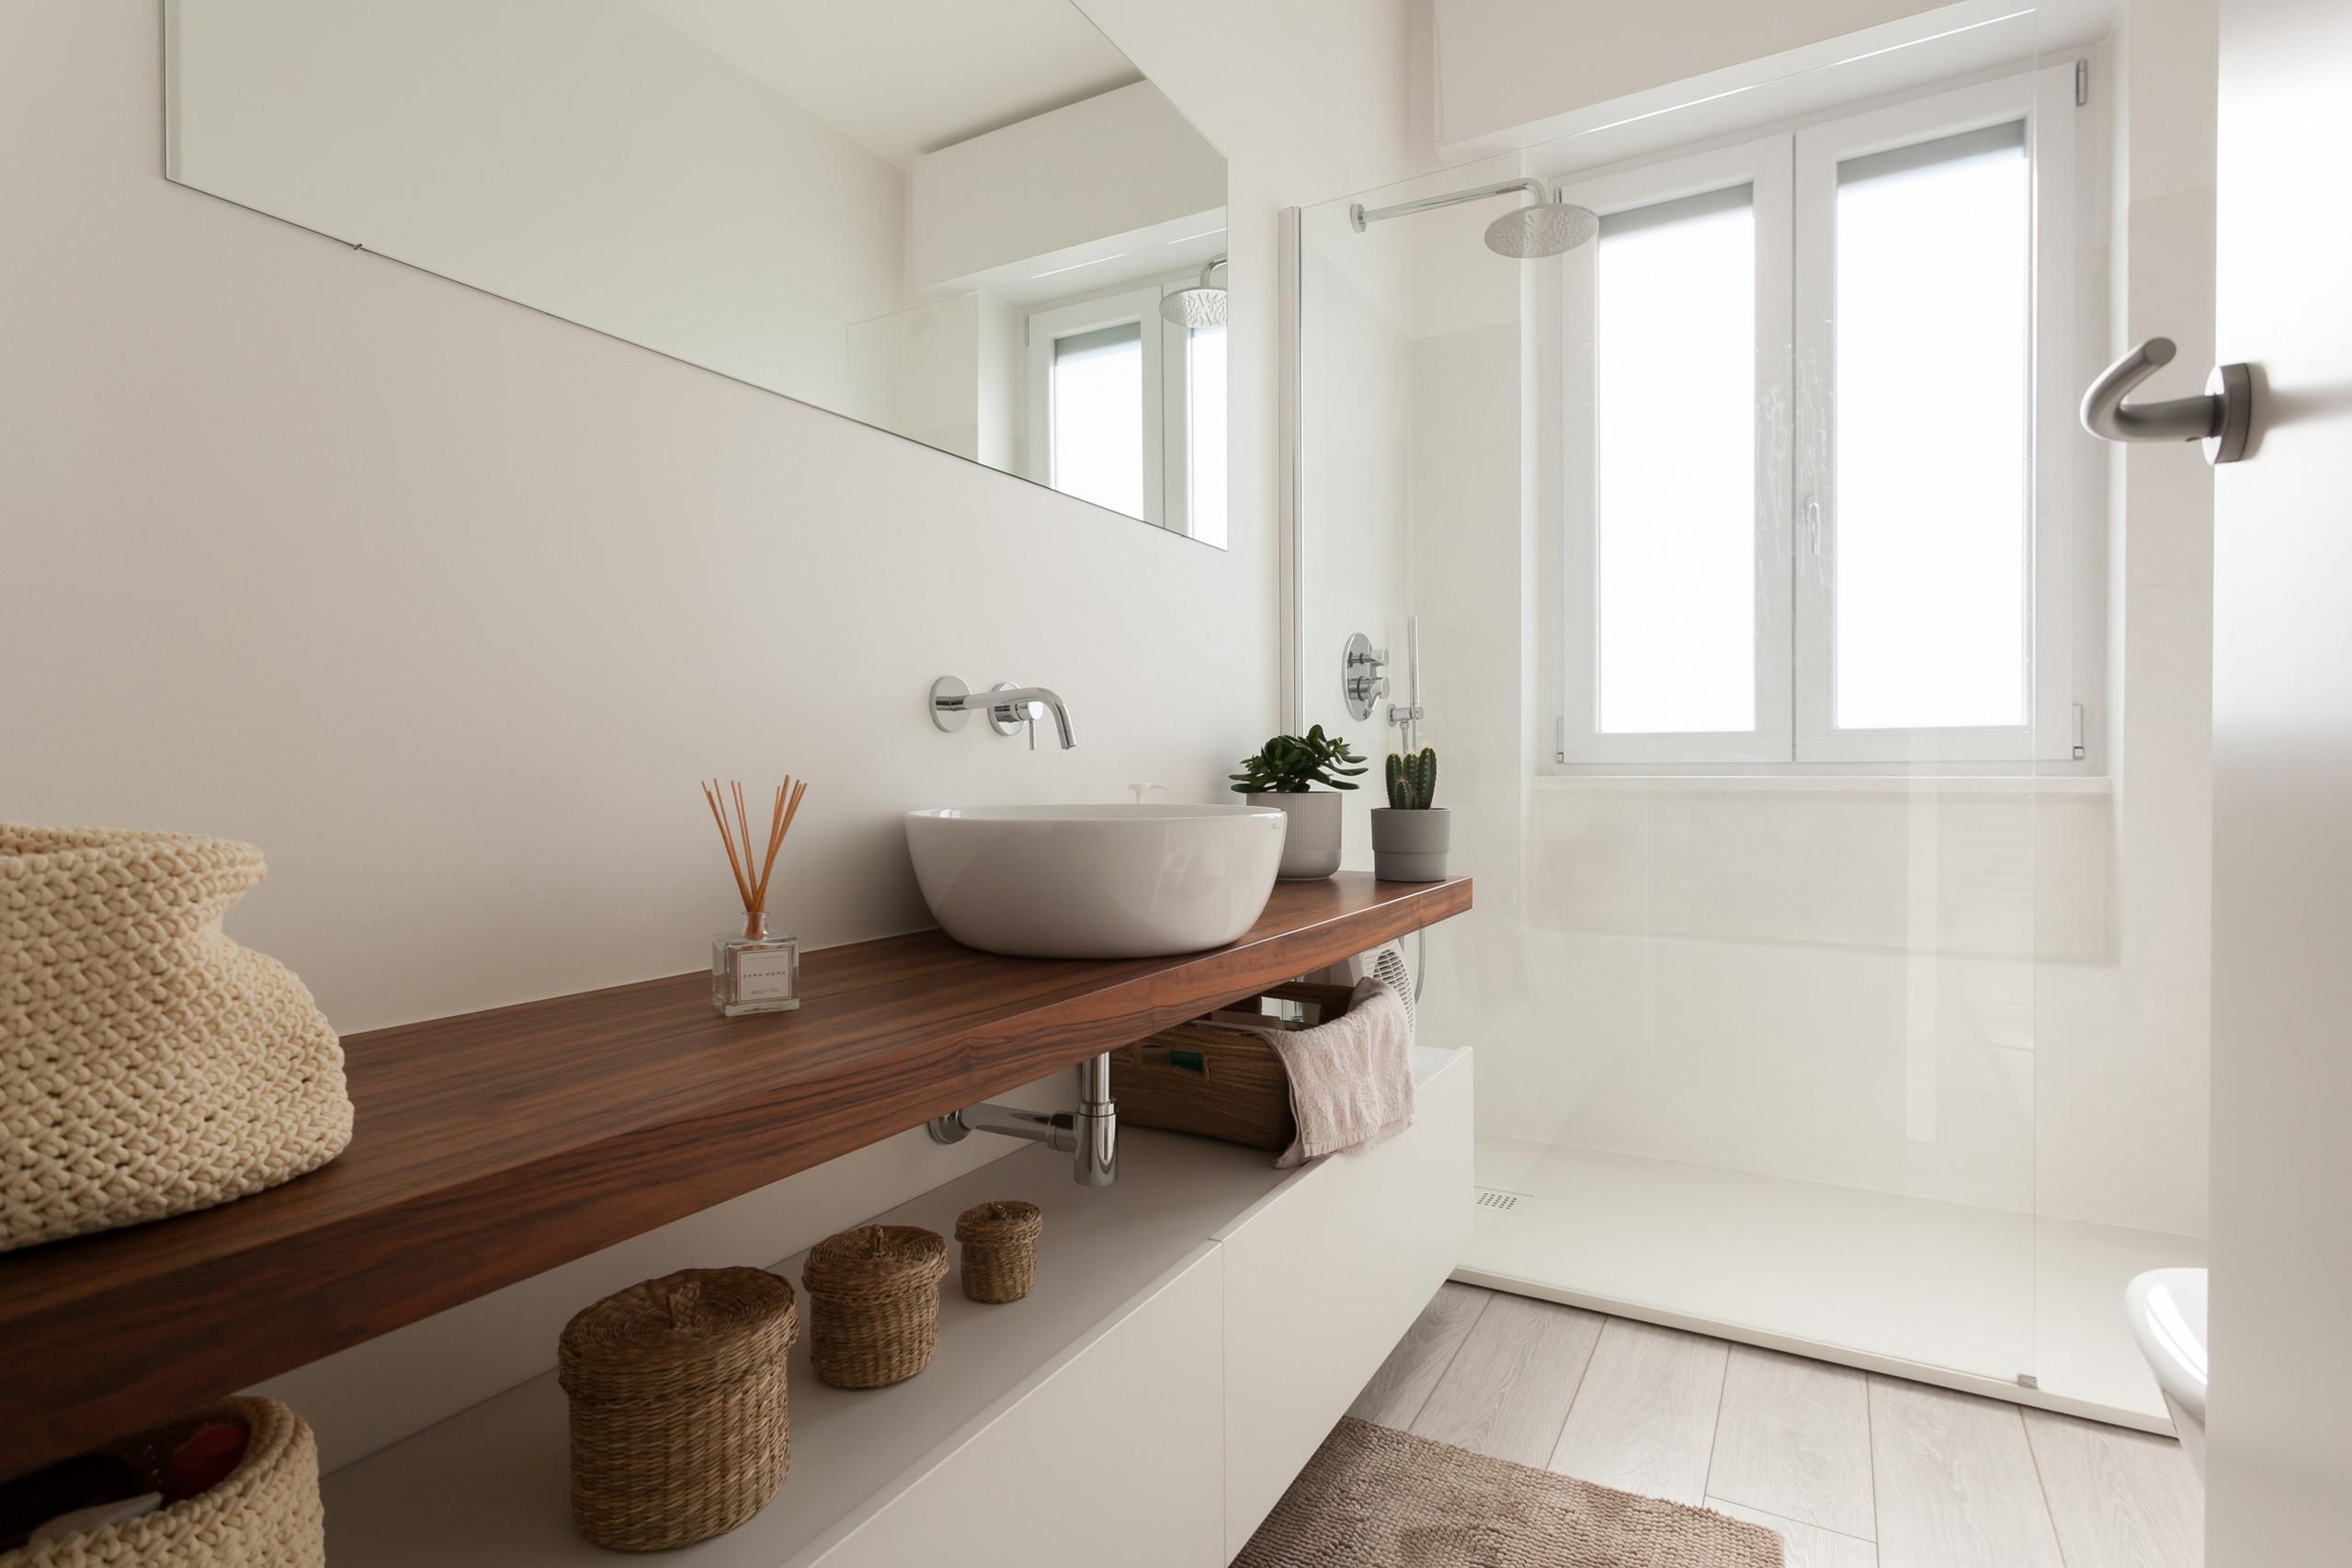 Stacco Tra Parquet E Piastrelle stanza da bagno beige - foto, idee, arredamento